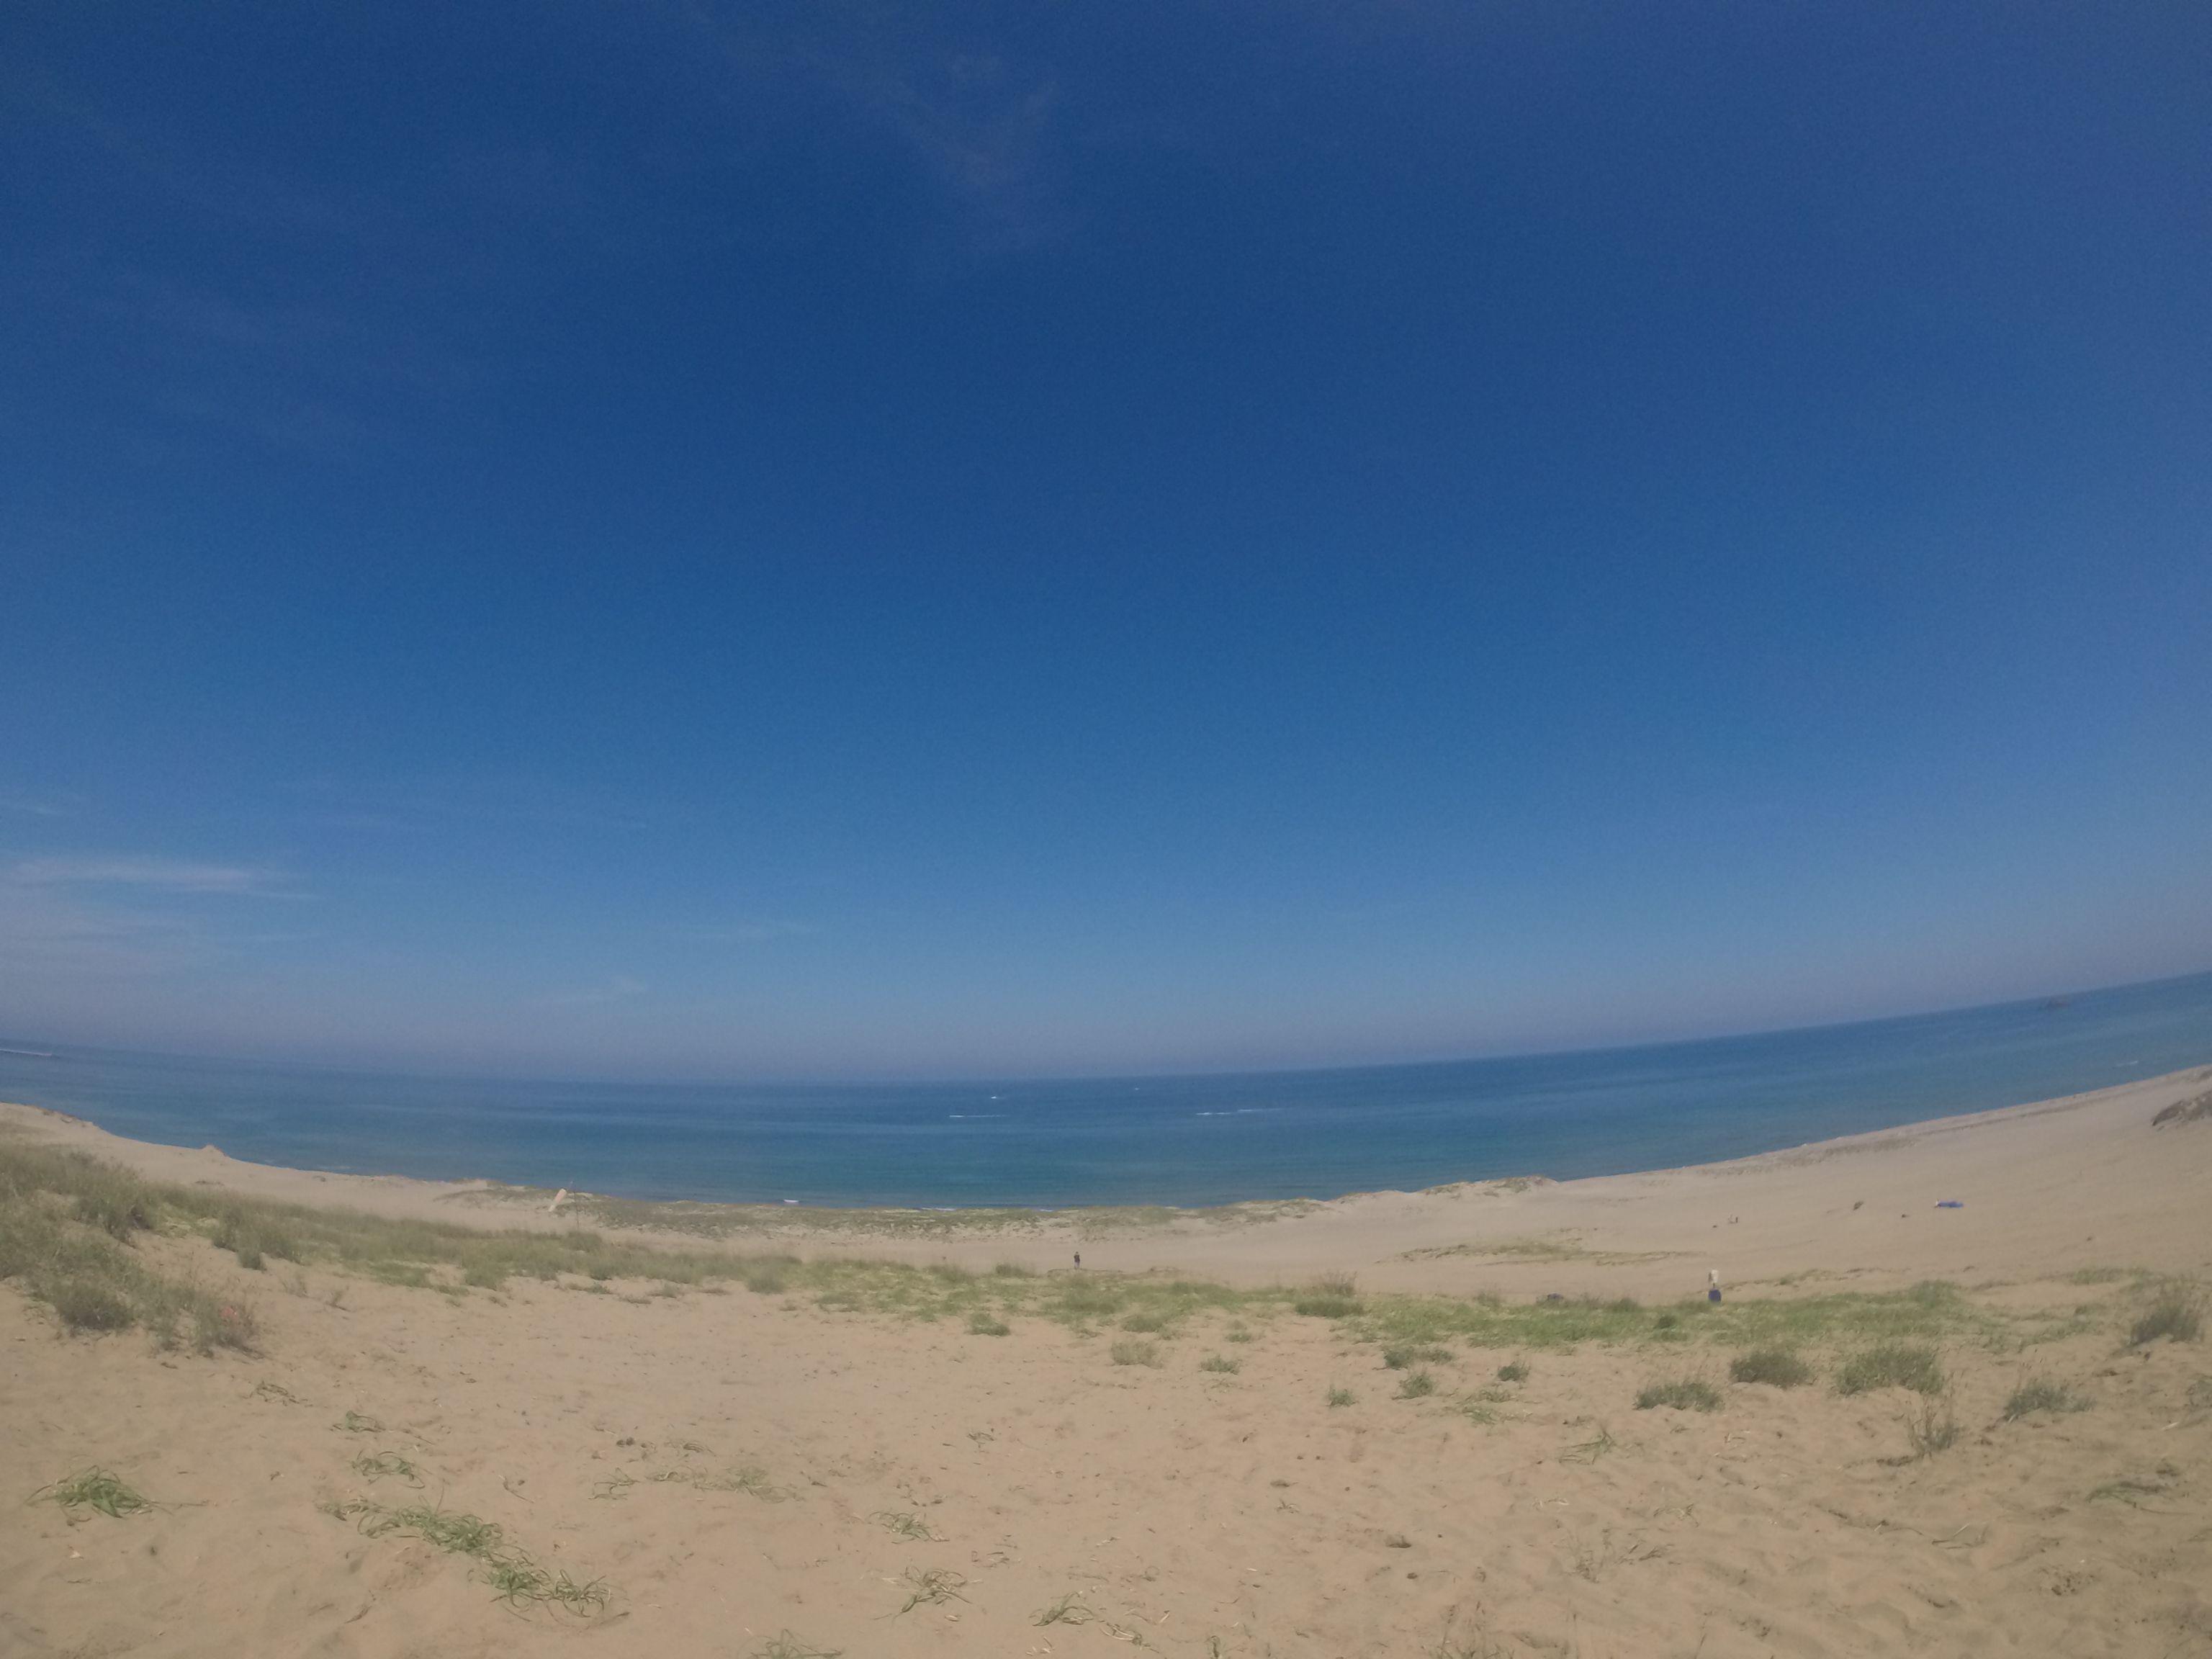 真っ青な空と真っ青な海